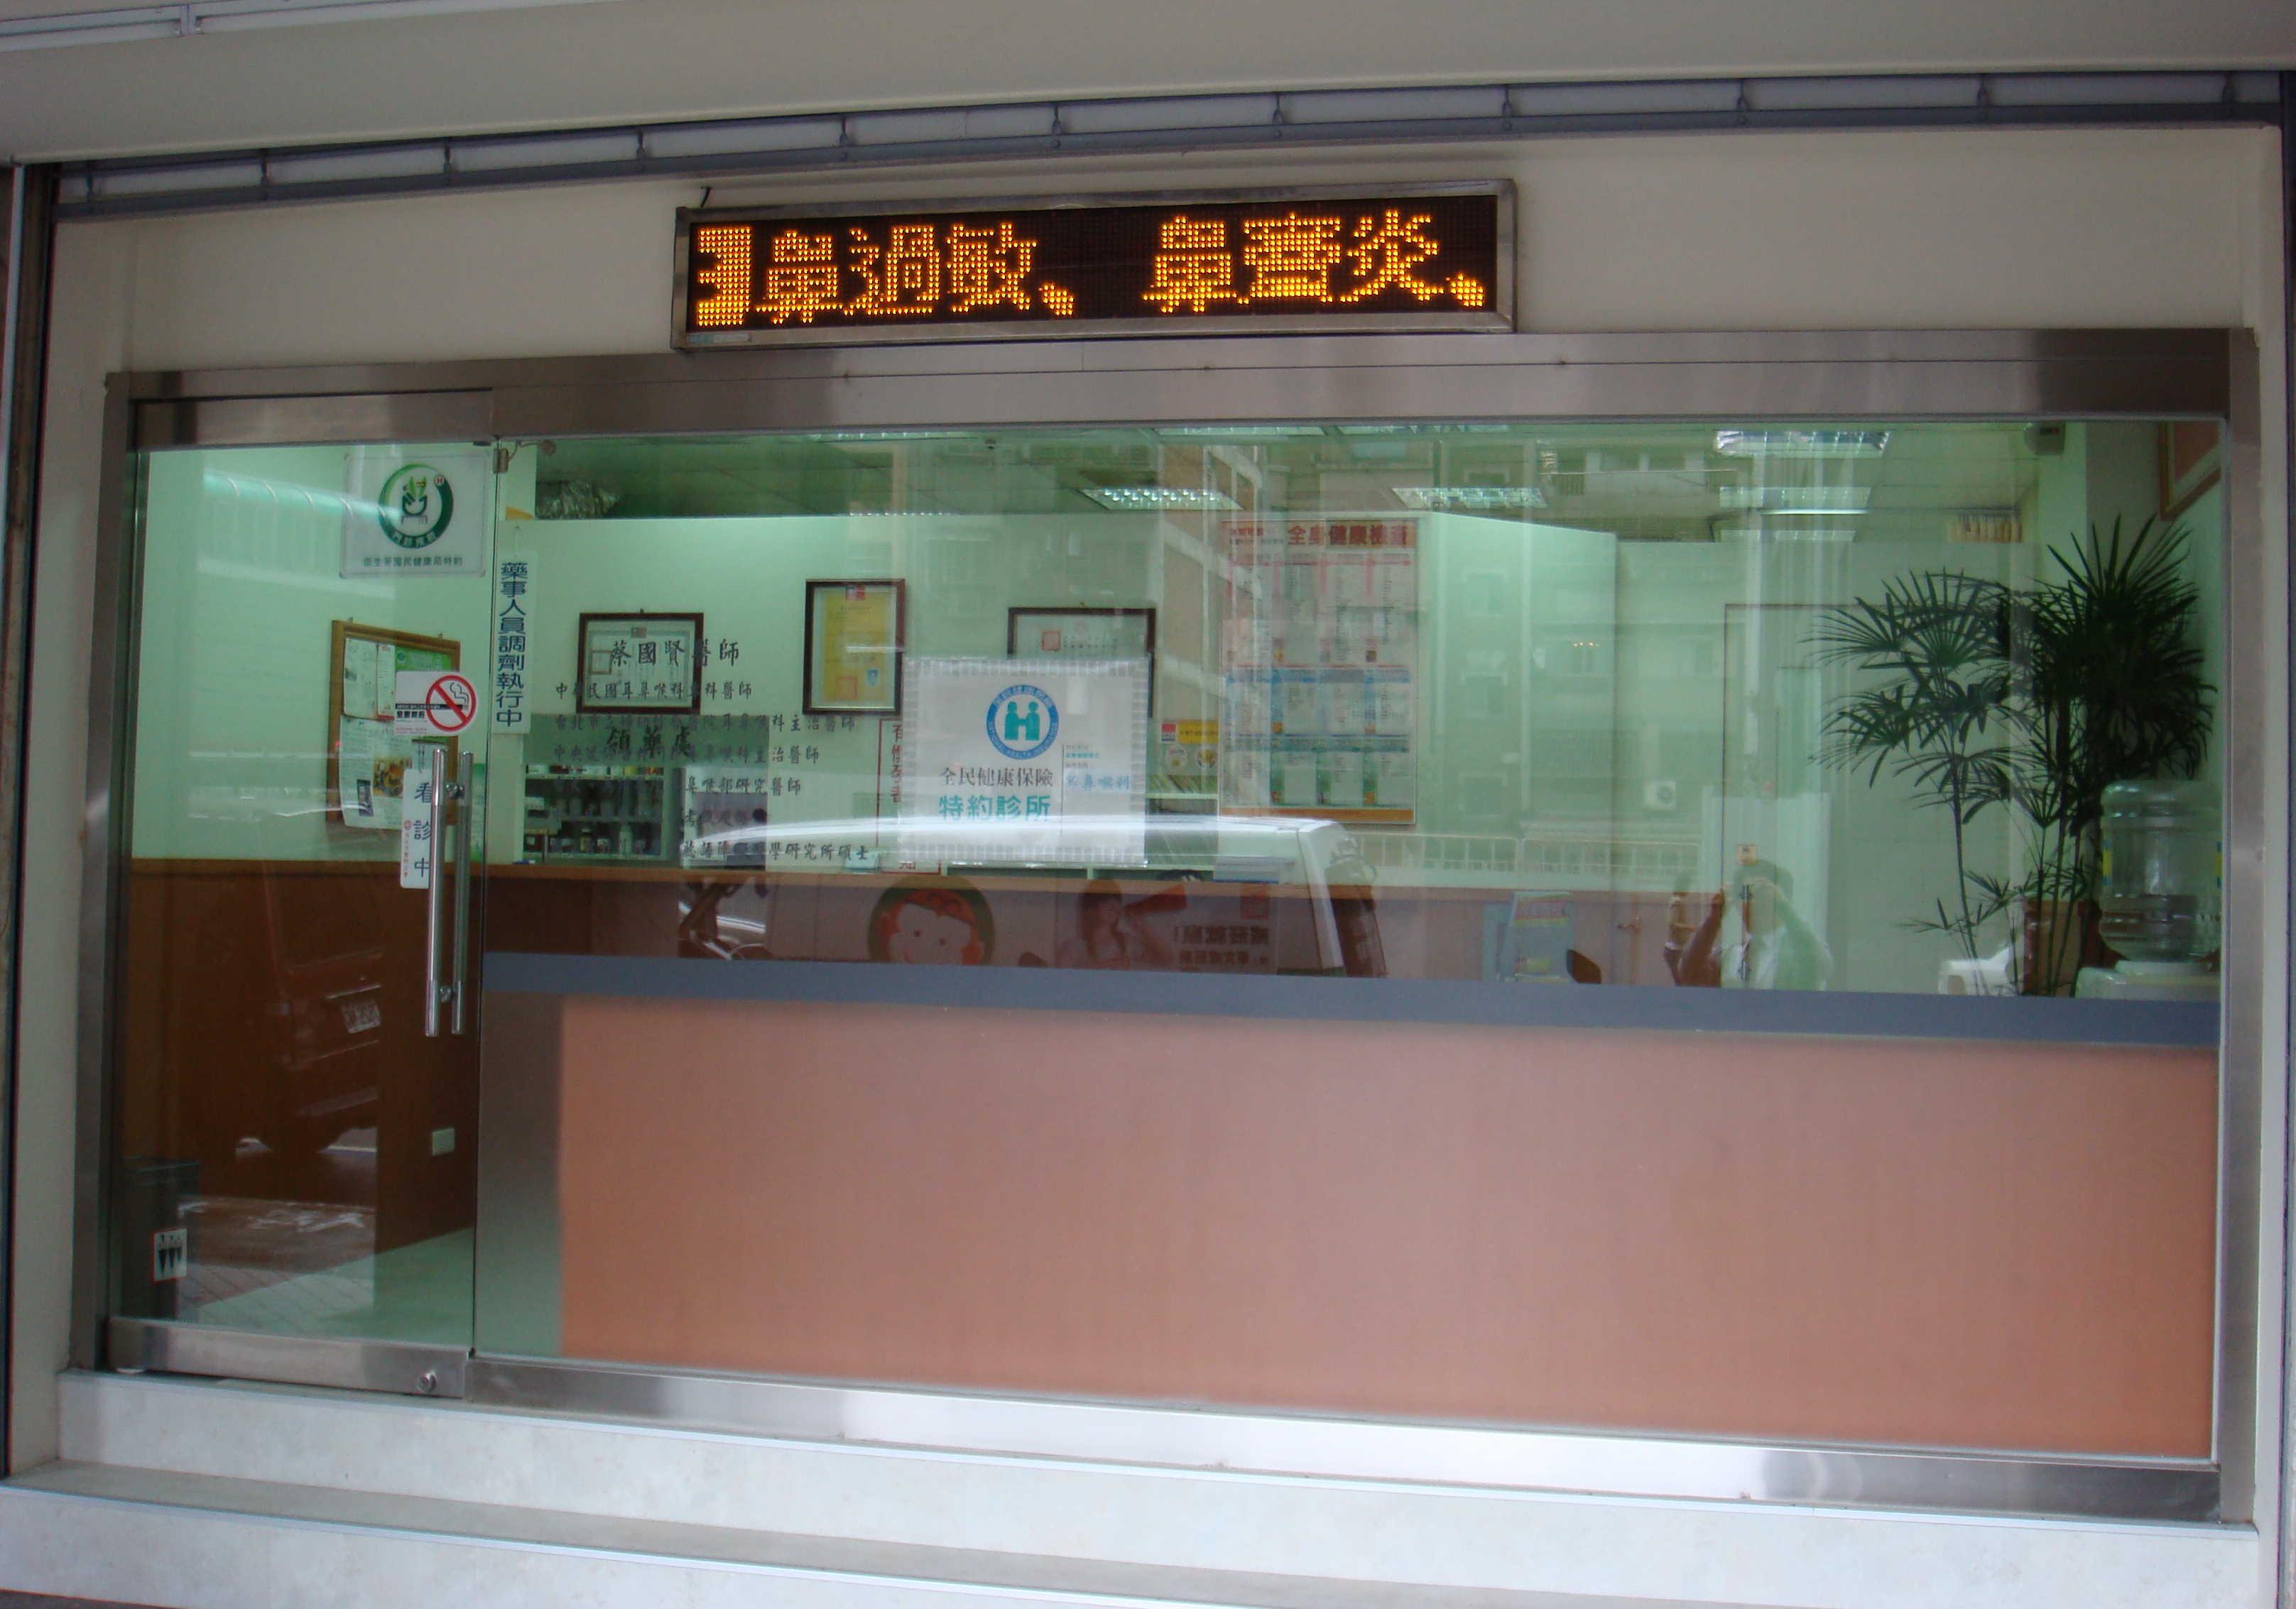 蔡國賢耳鼻喉科診所-成人感冒,過敏,鼻炎,喉炎